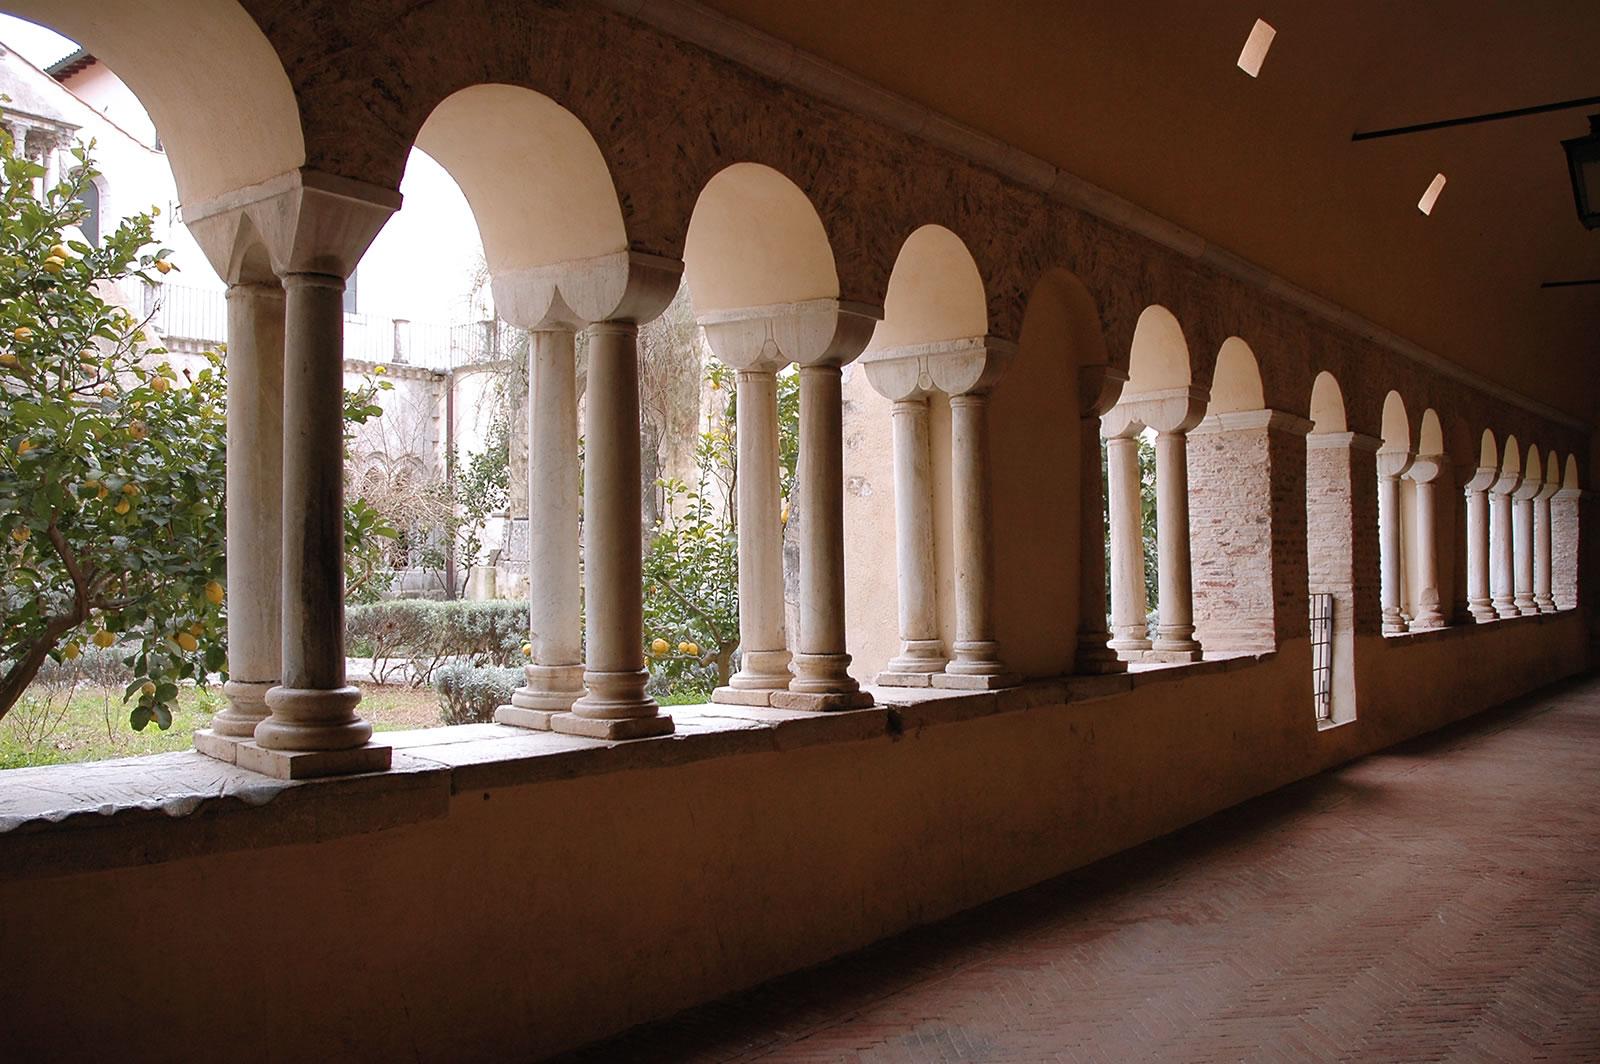 Abbazia di Fossanova, portico